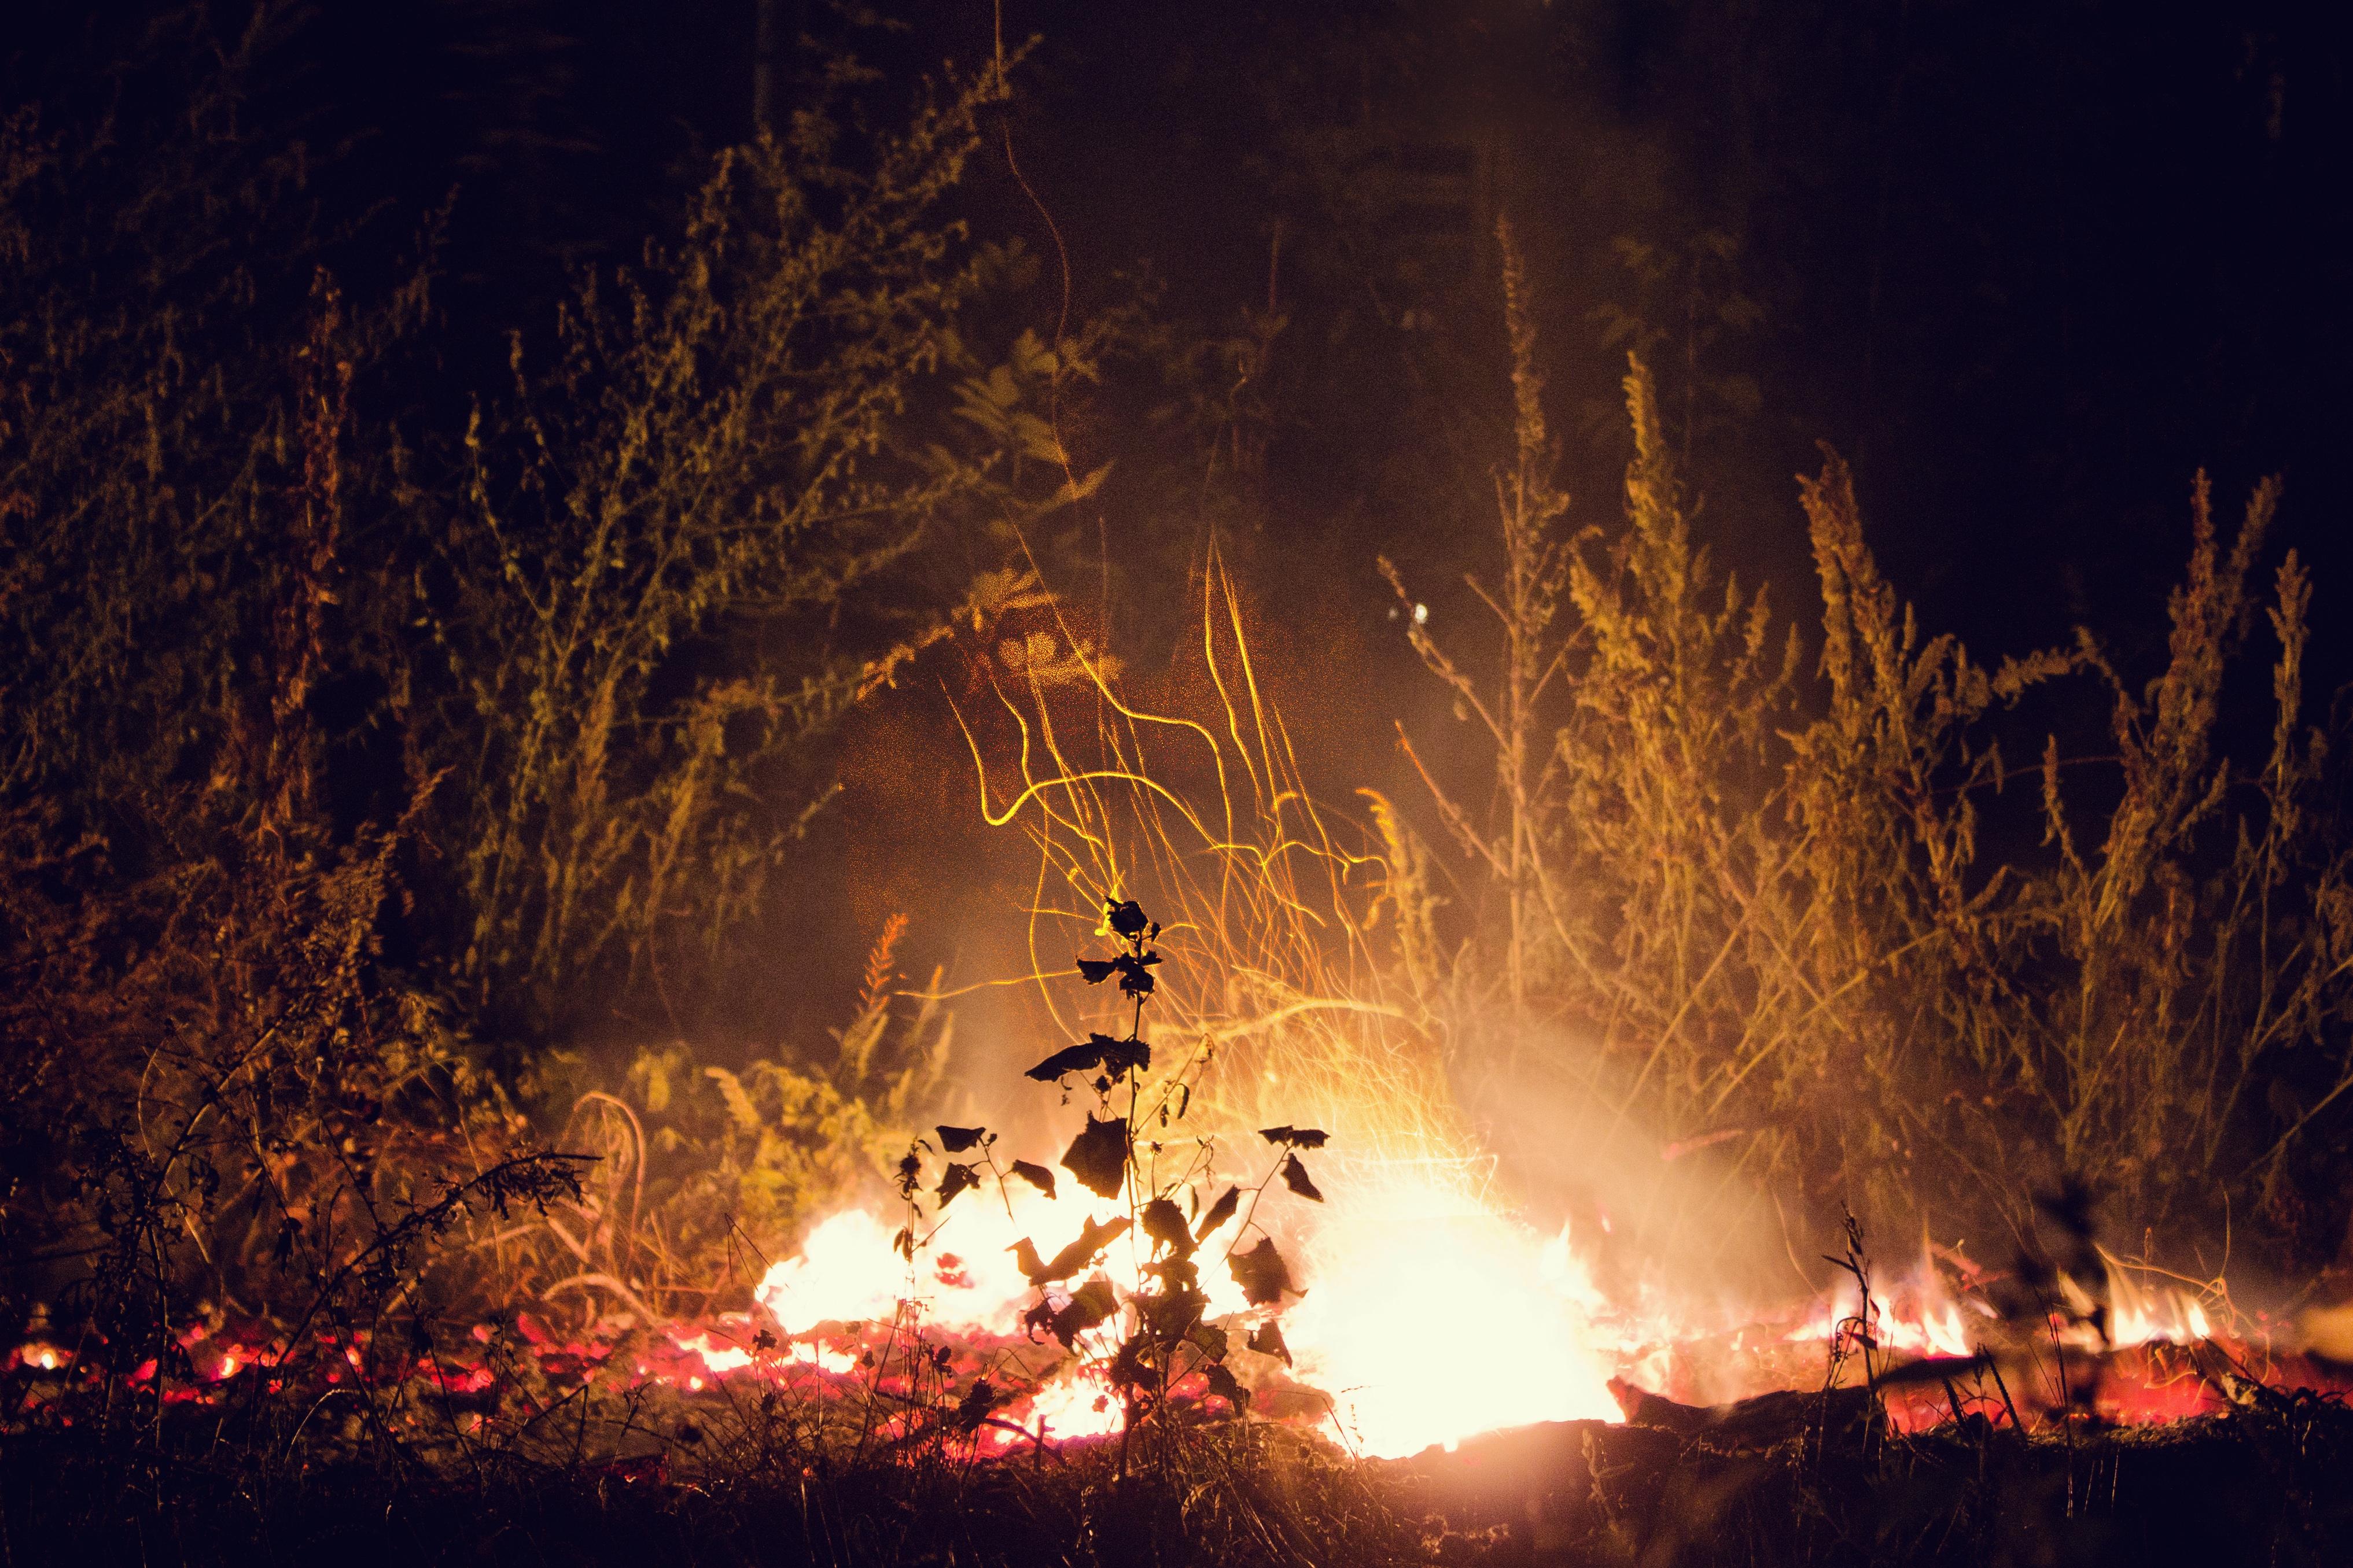 картинки огня ночью